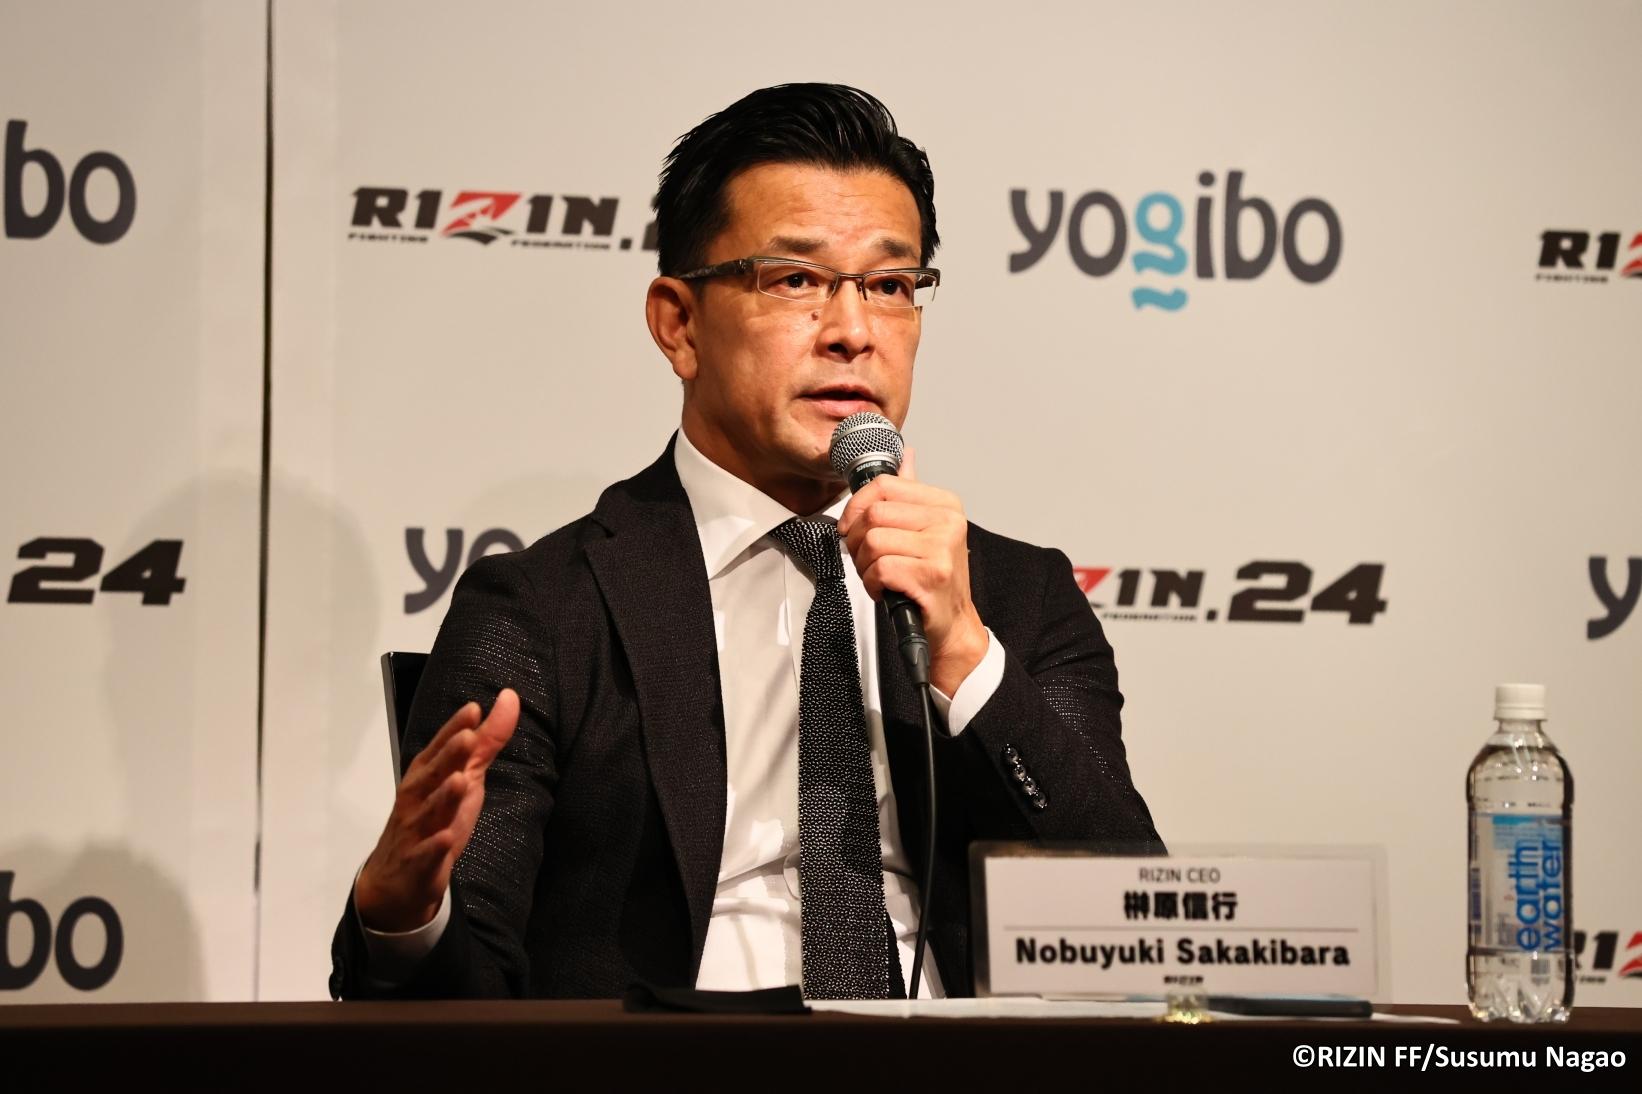 大会の概要を説明する榊原信行CEO